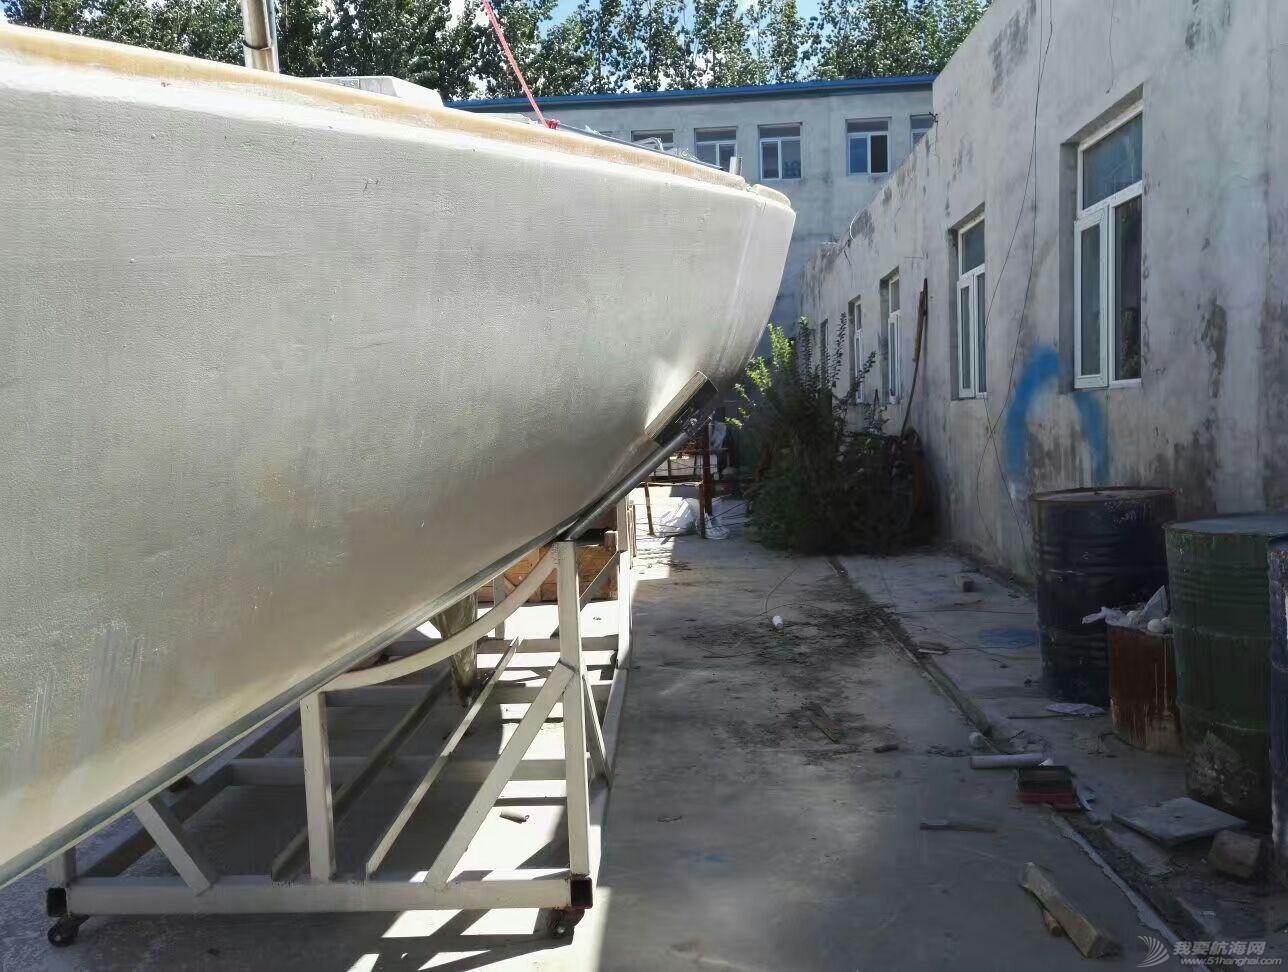 帆船 GR-750帆船龙骨安装 mmexport1472337929343.jpg